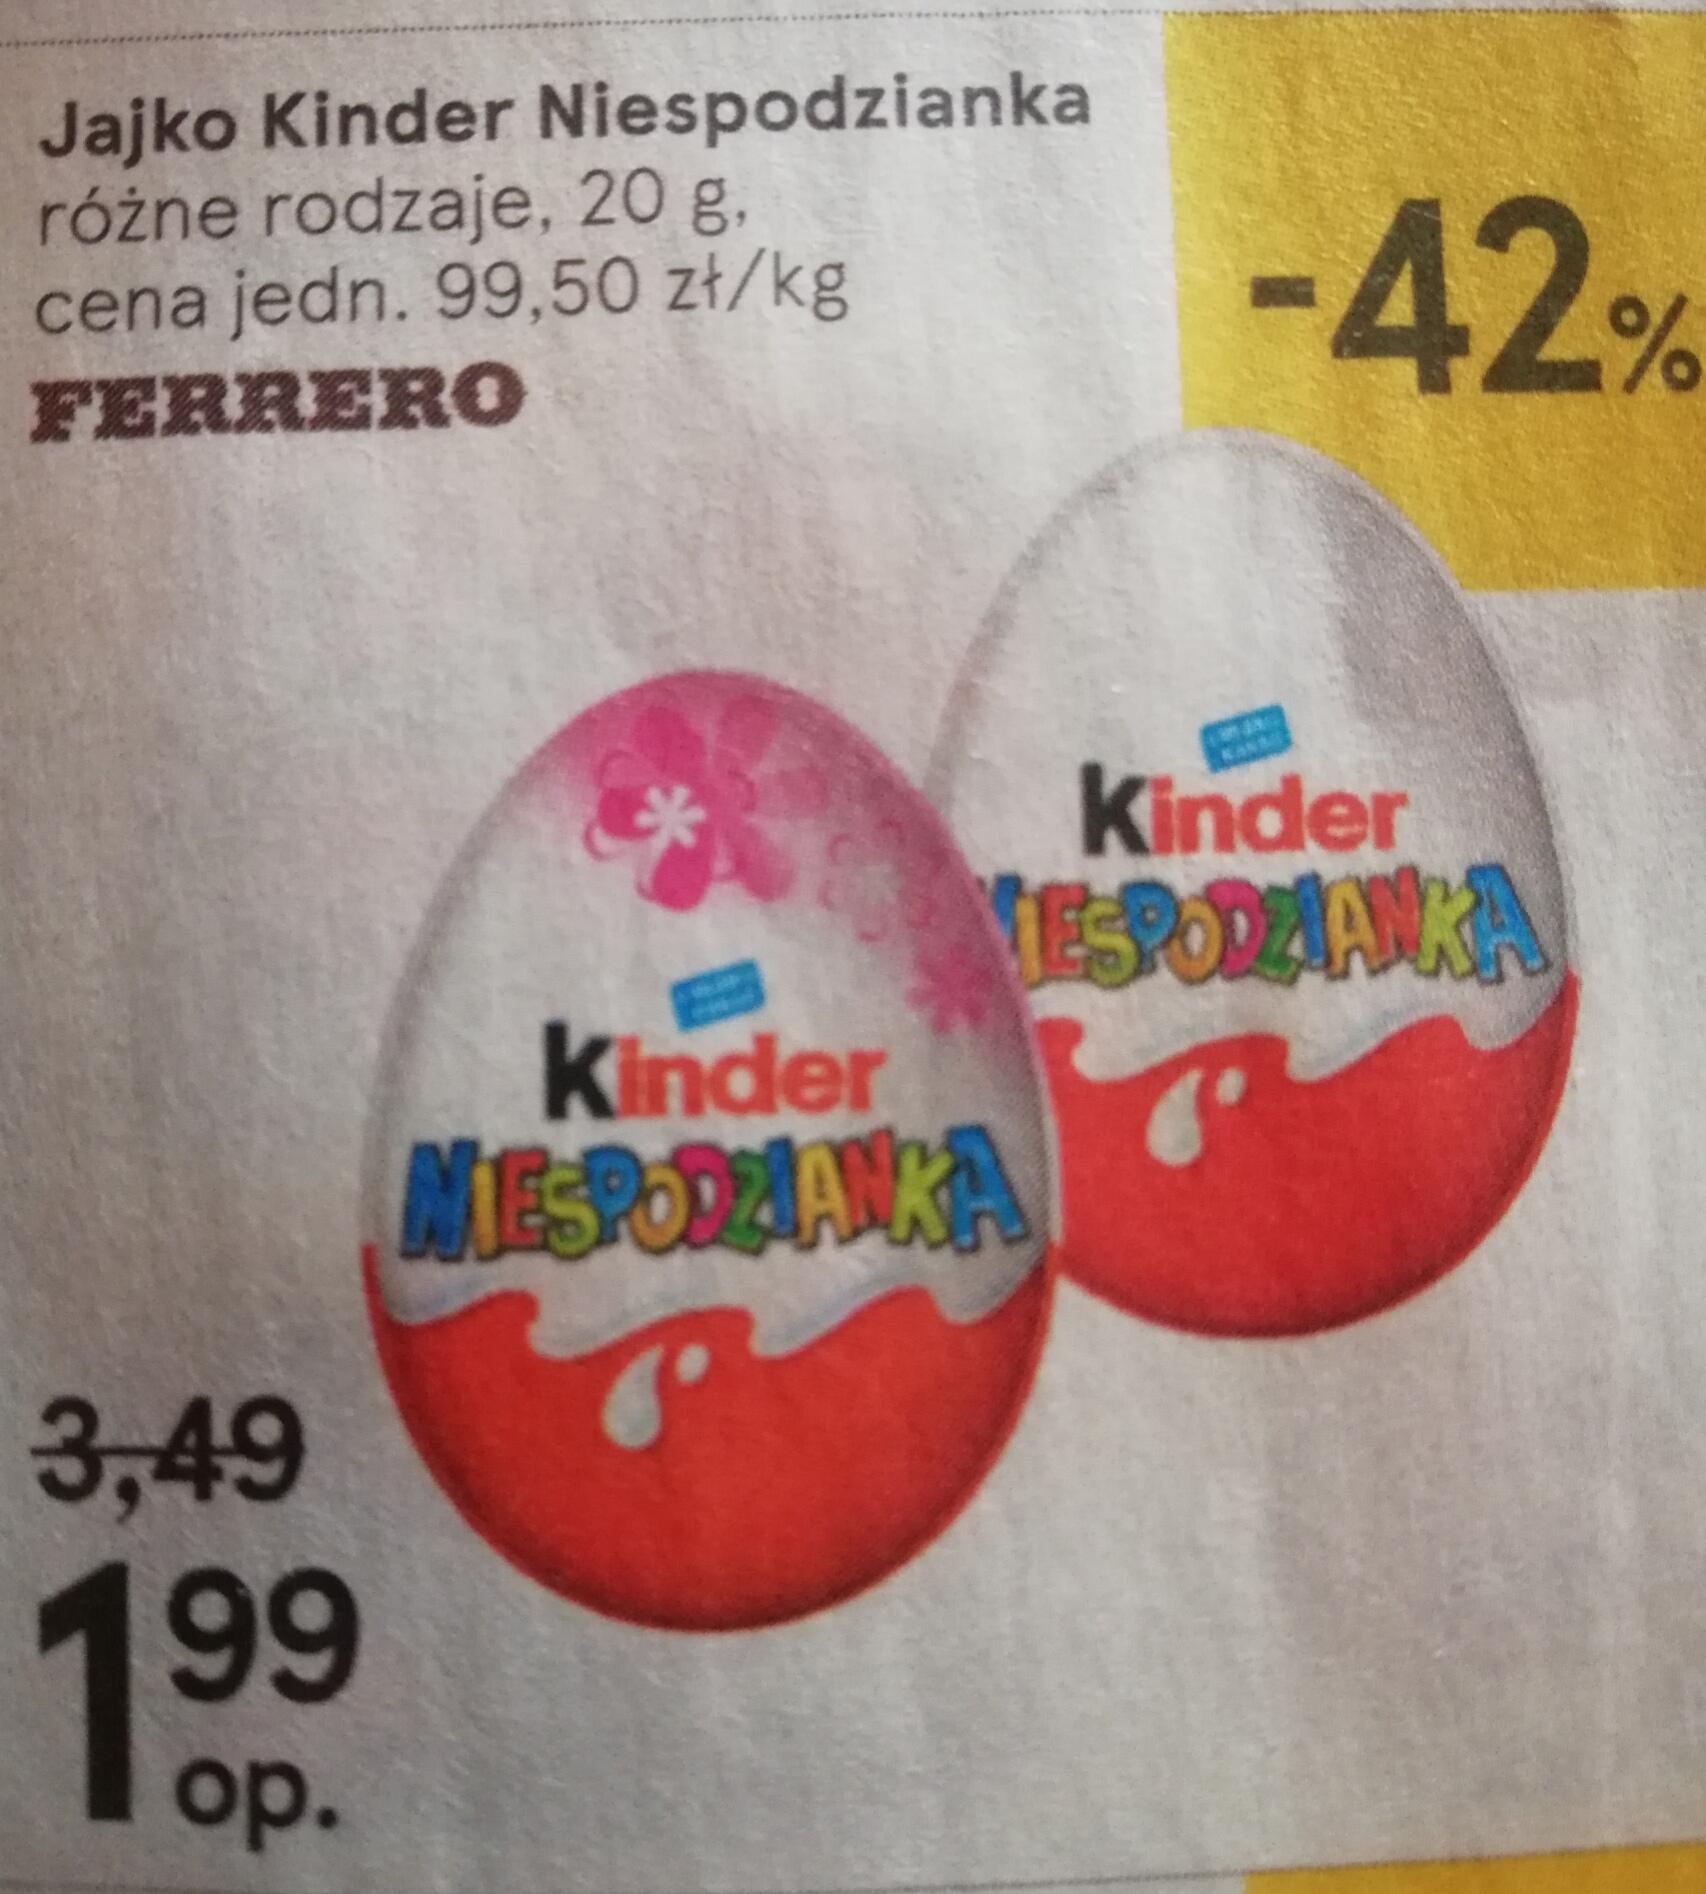 Kinder niespodzianka 1.99 zl  TESCO